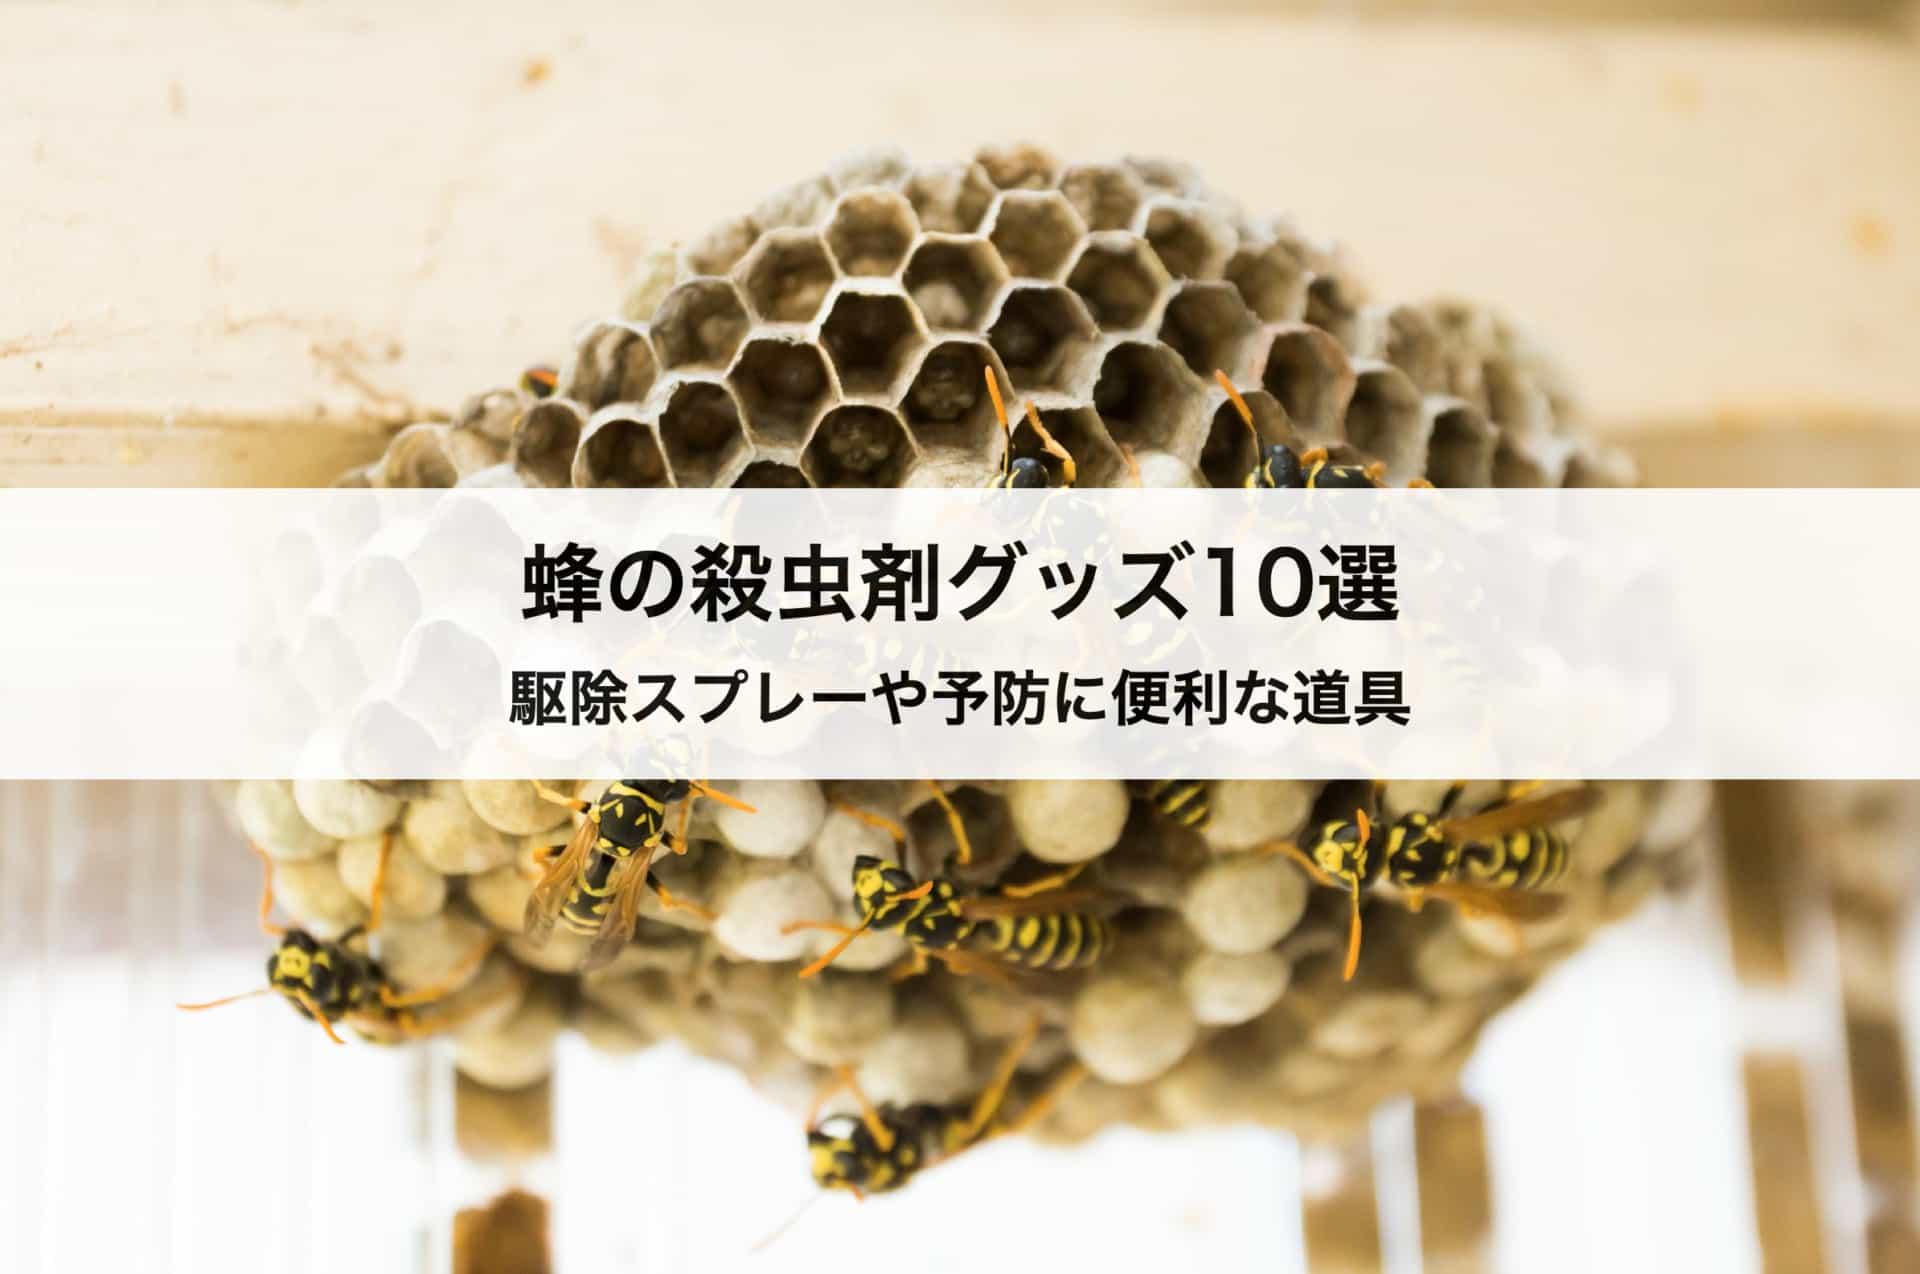 蜂の殺虫剤おすすめグッズ10選|駆除スプレーや予防対策に便利な道具も紹介!